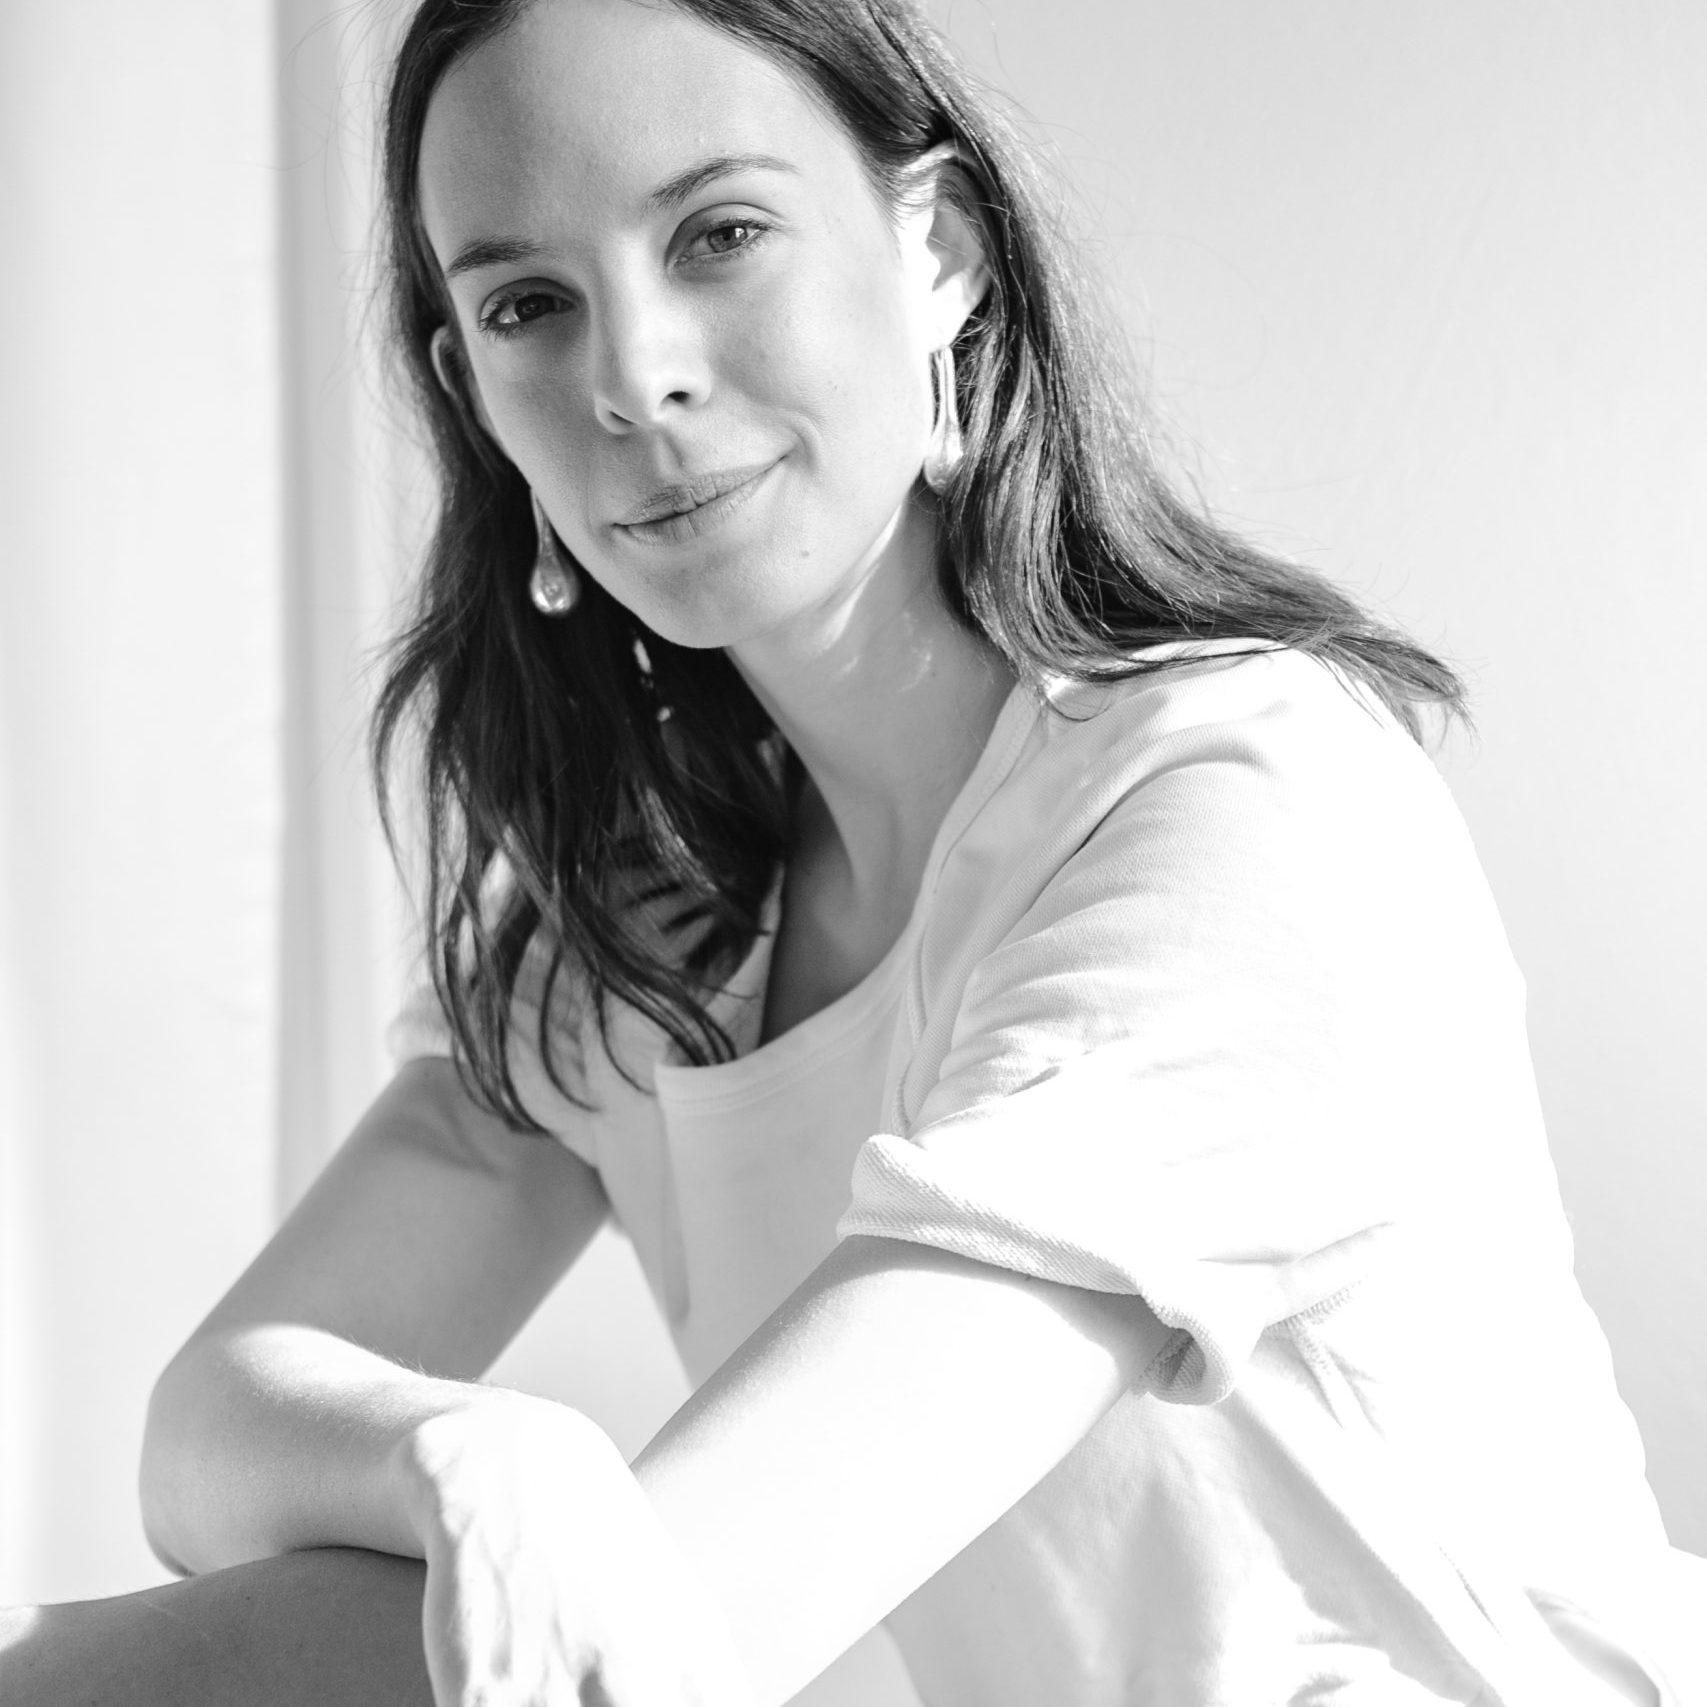 Maria Troconis